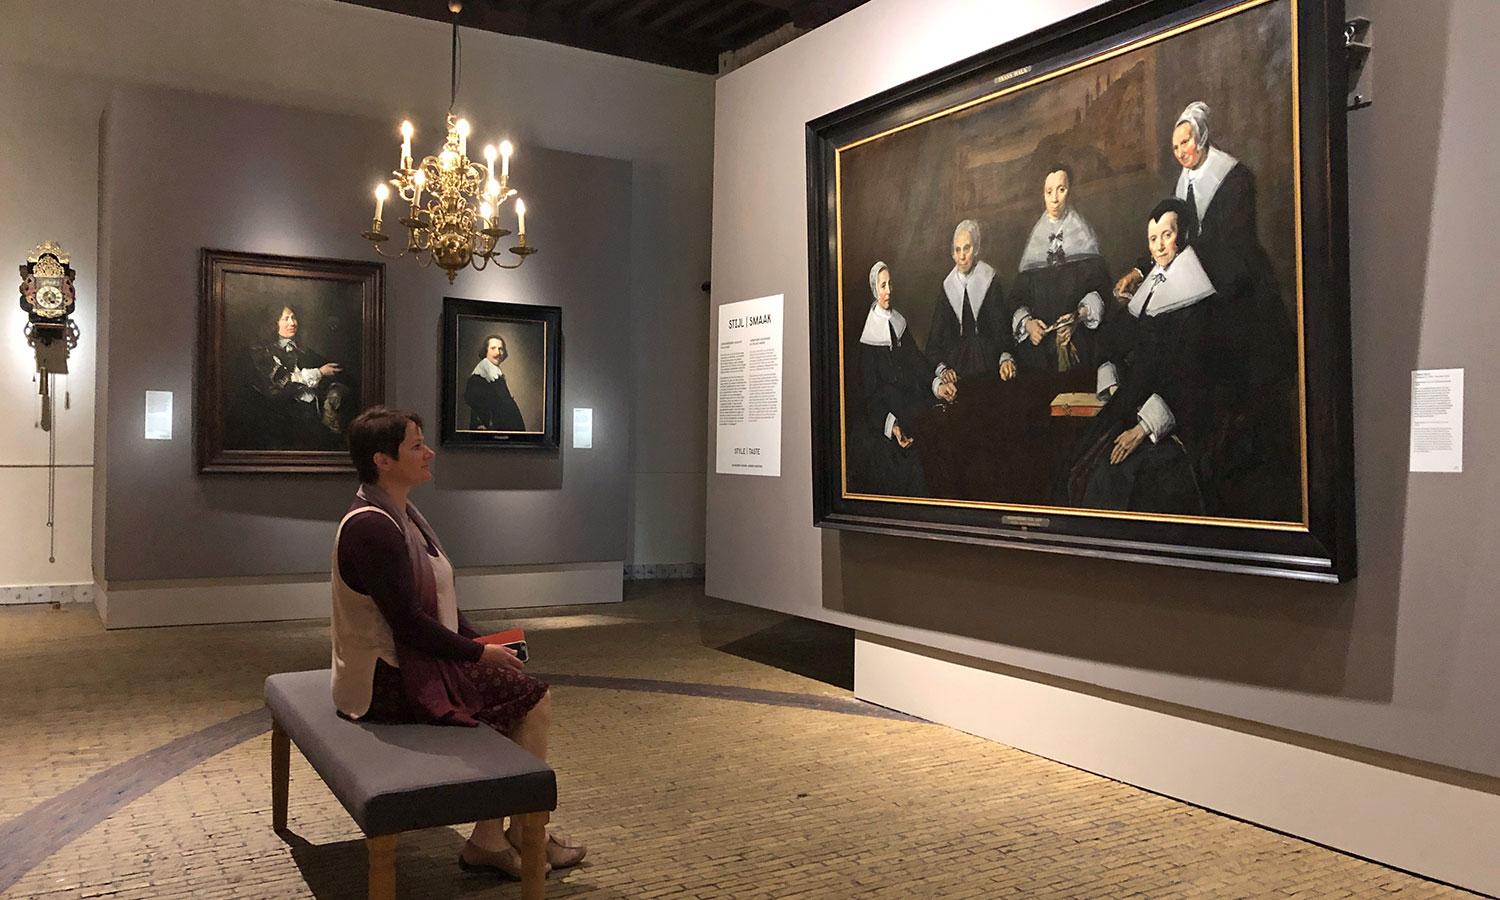 Das neue Raumdesign schafft eine ideale Atmosphäre für die Gemälde.